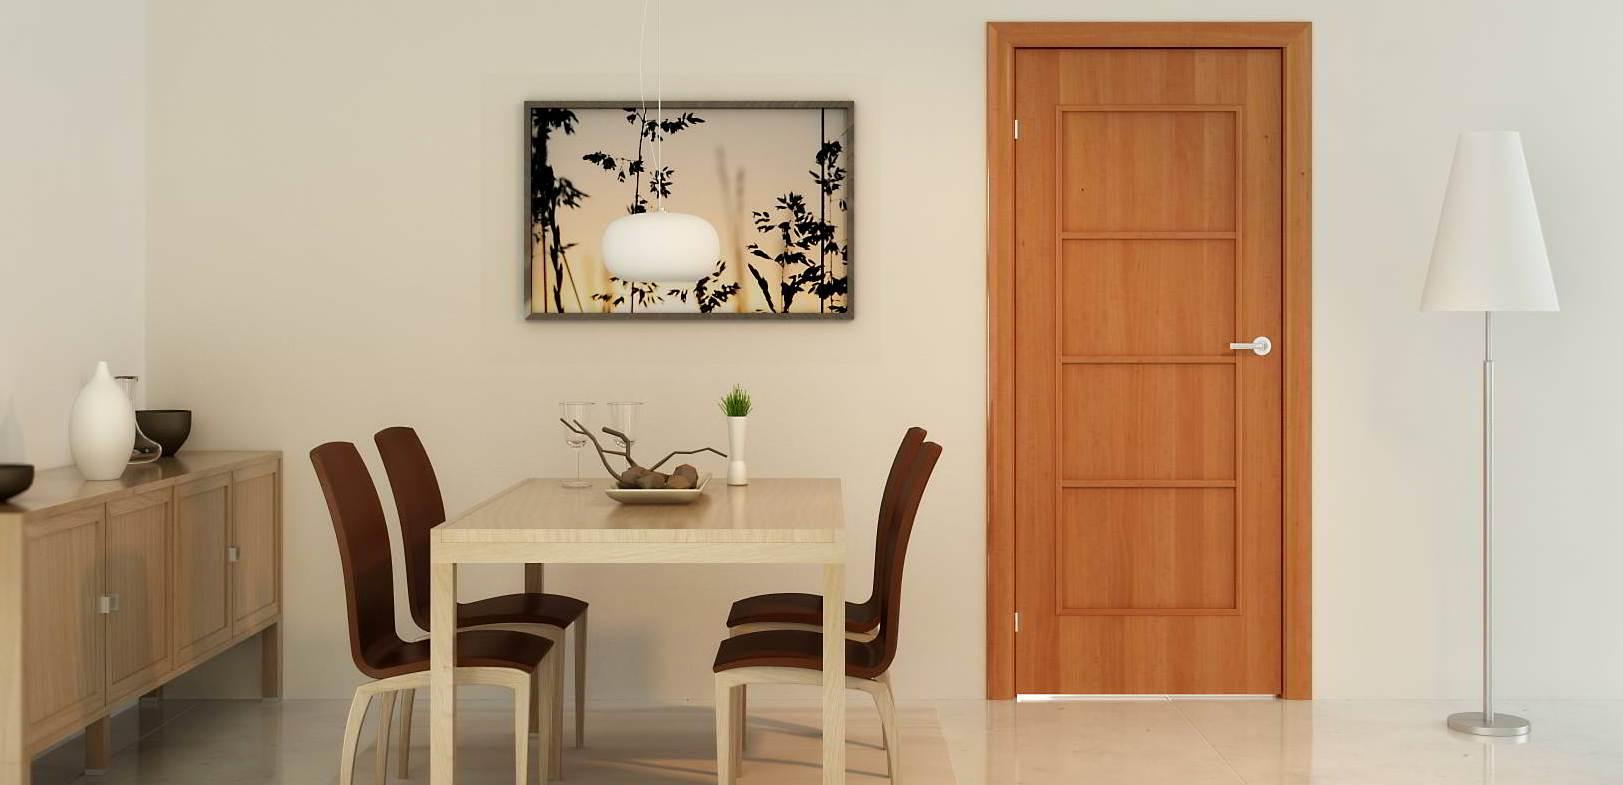 Ламинированные двери (41 фото): что это такое, межкомнатные конструкции из пвх и мдф с покрытием из ламината, белые модели и цвета орех